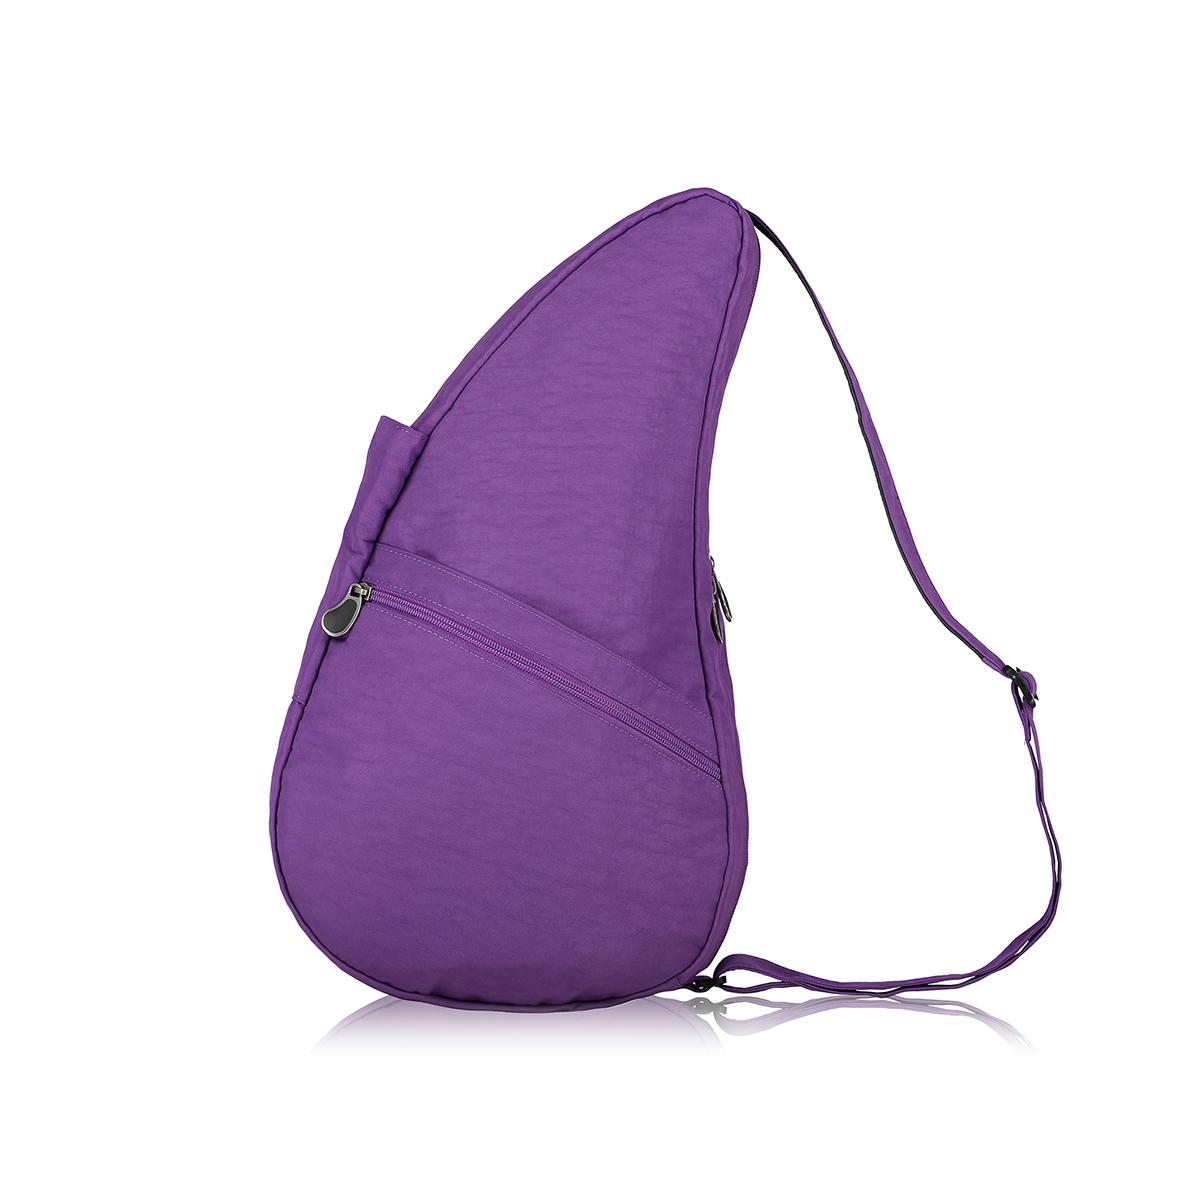 Healthy Back Bag/ヘルシーバックバッグ/ショルダーバッグ/ボディバッグ/旅行バッグ/軽量/レディース/メンズ 公式ストア ヘルシーバックバッグ テクスチャードナイロン Mサイズ ウルトラパープル